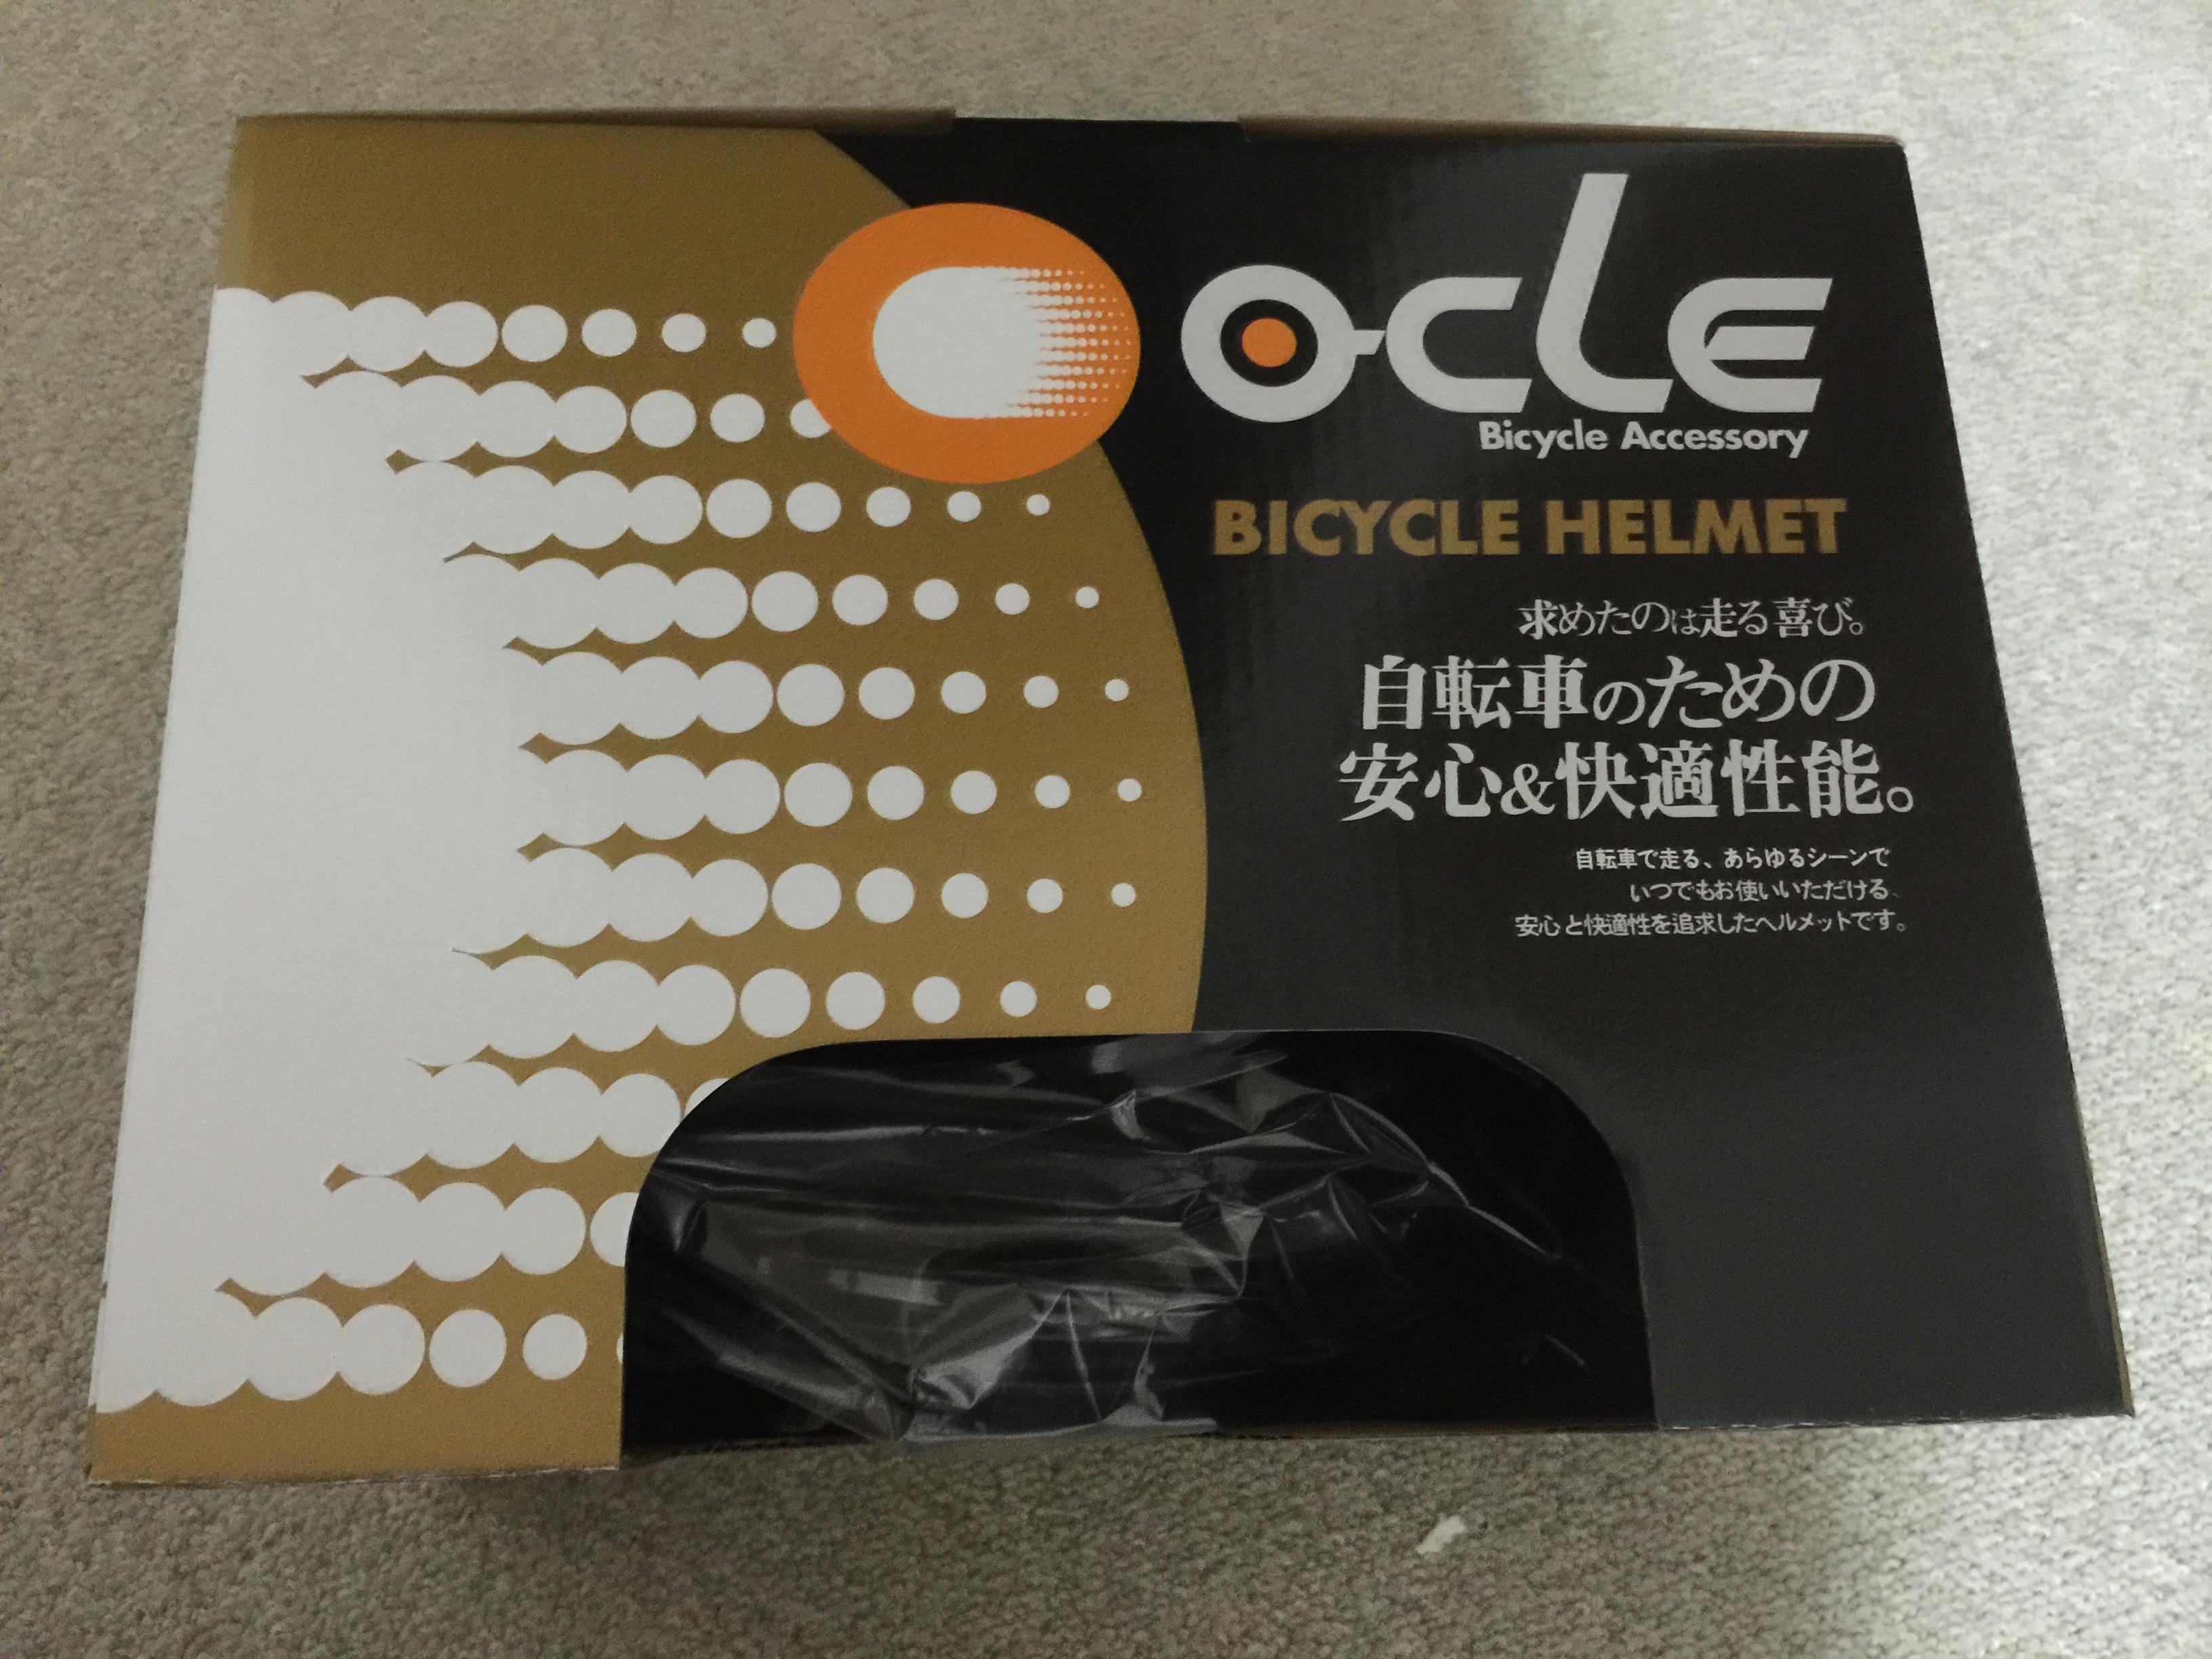 オークル ヘルメット